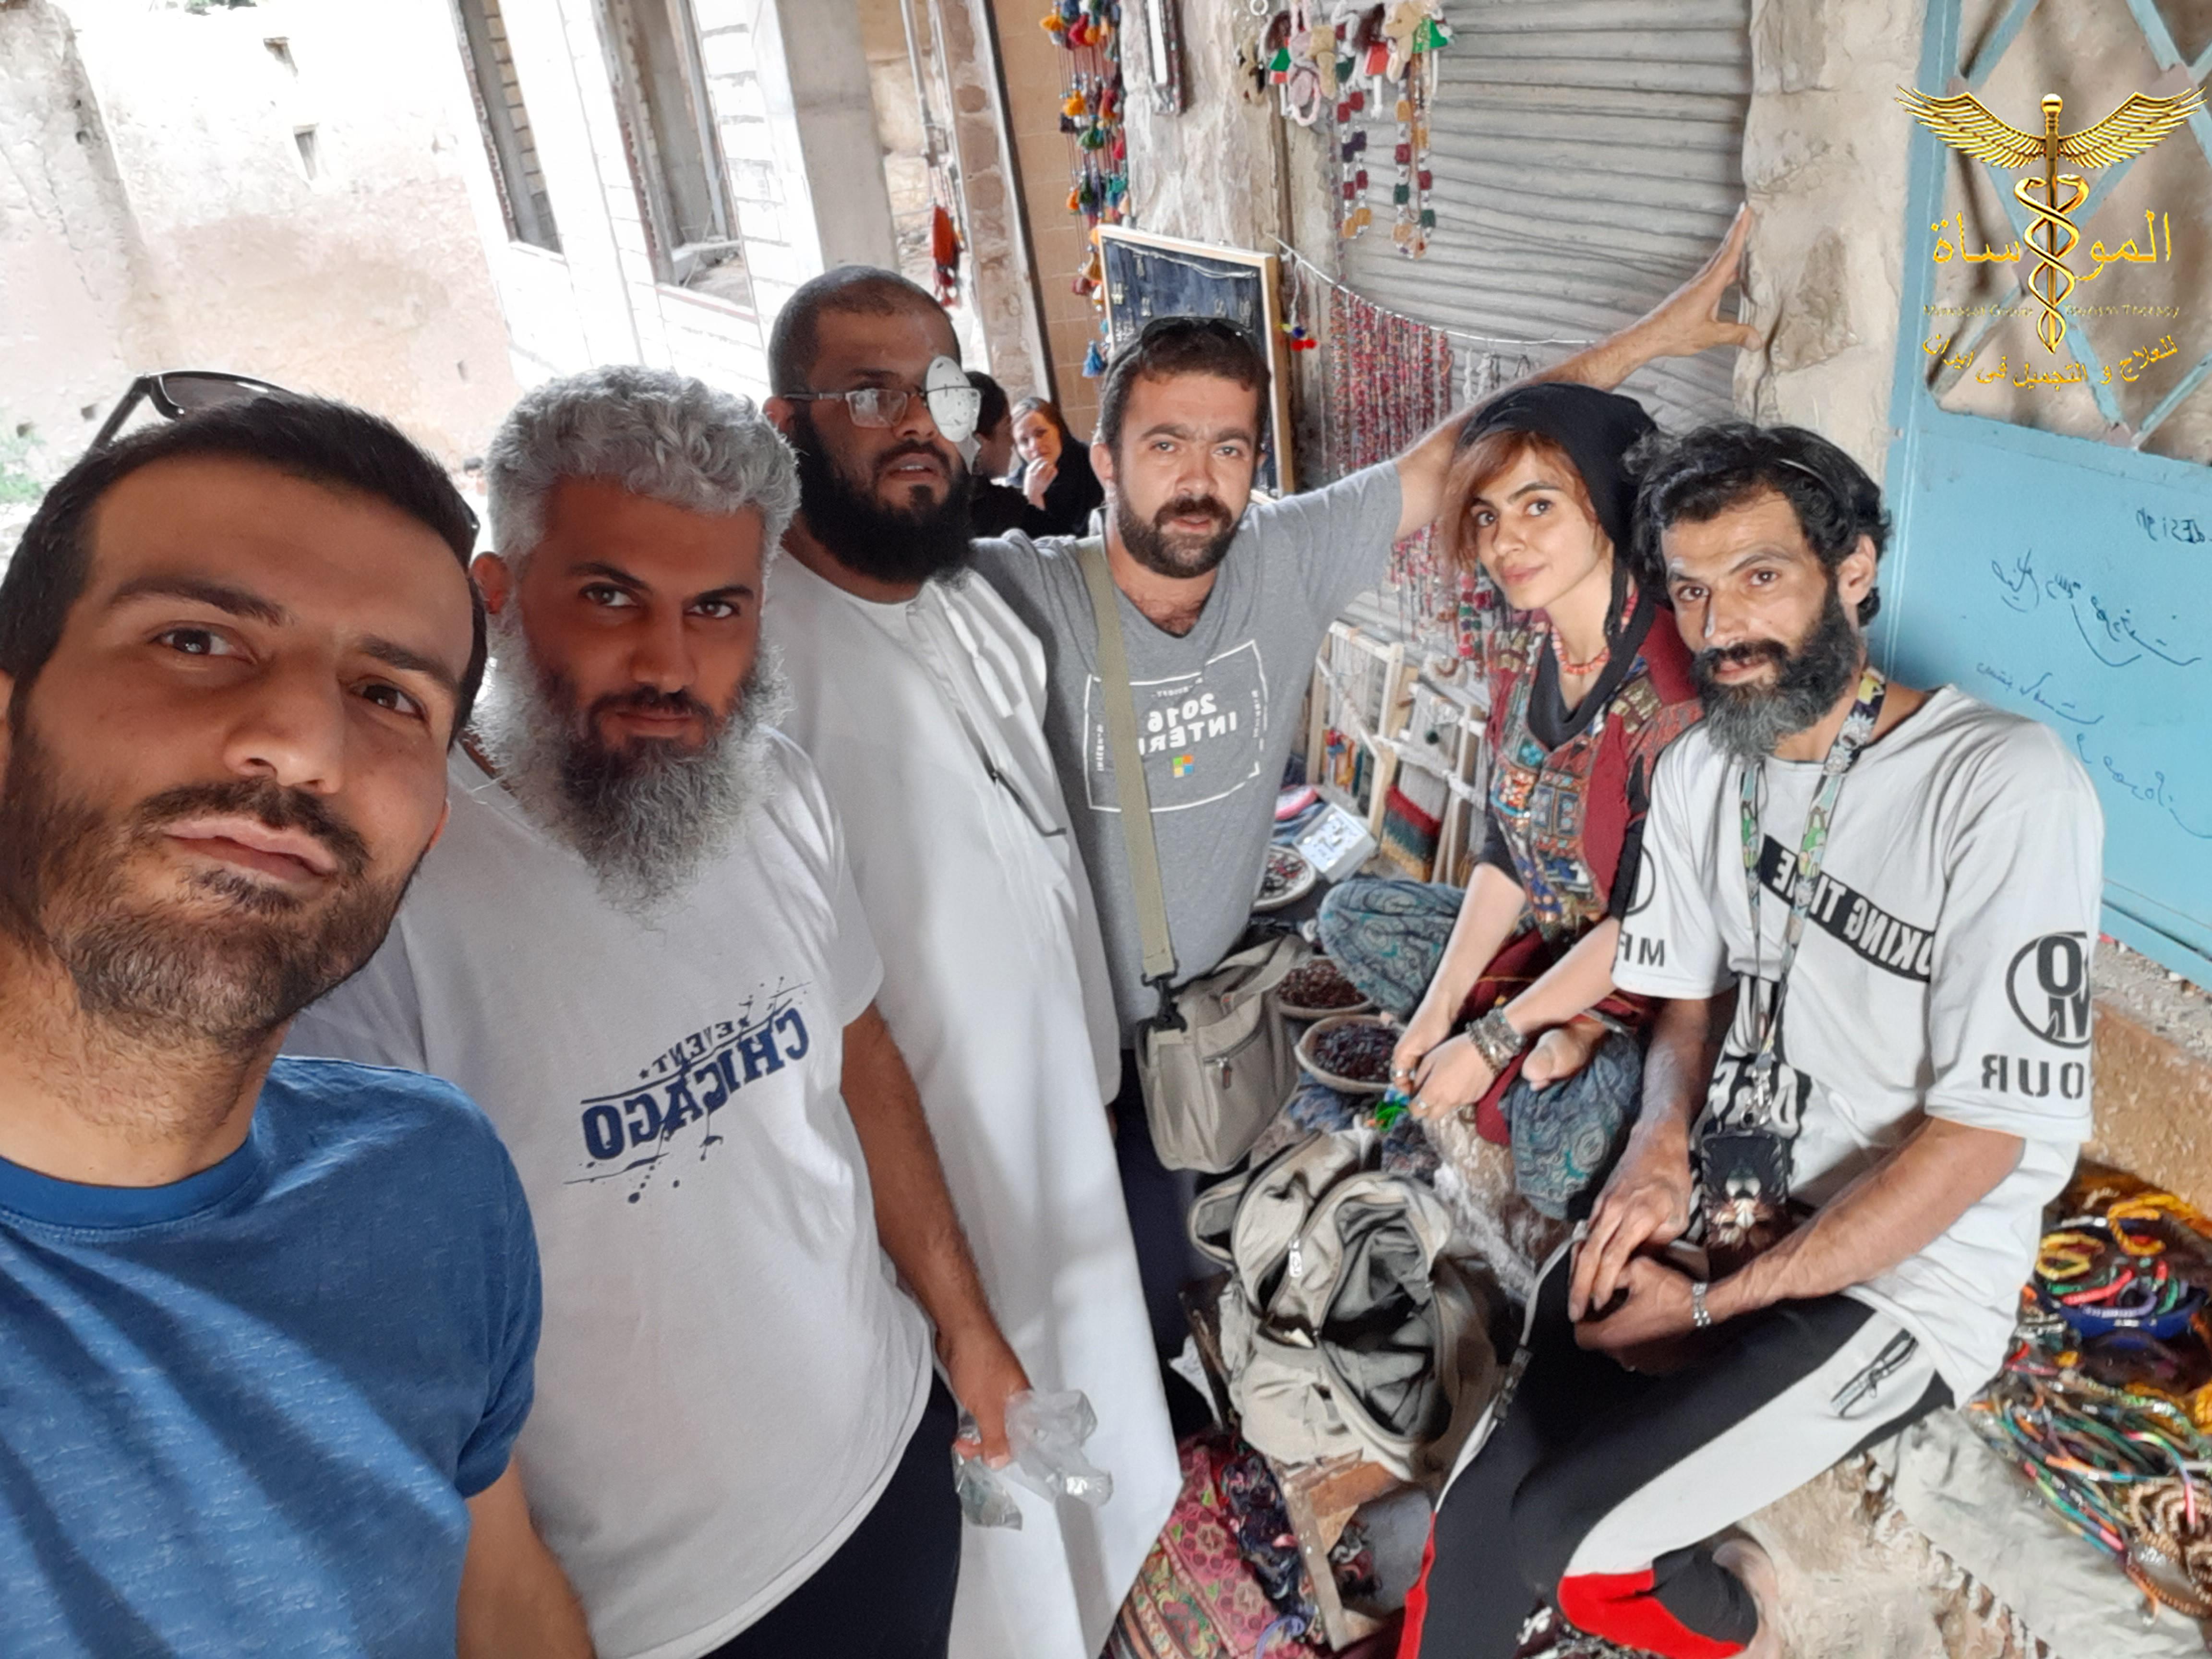 السياحة في إيران   شركة المواساة للعلاج و التجميل في إيران